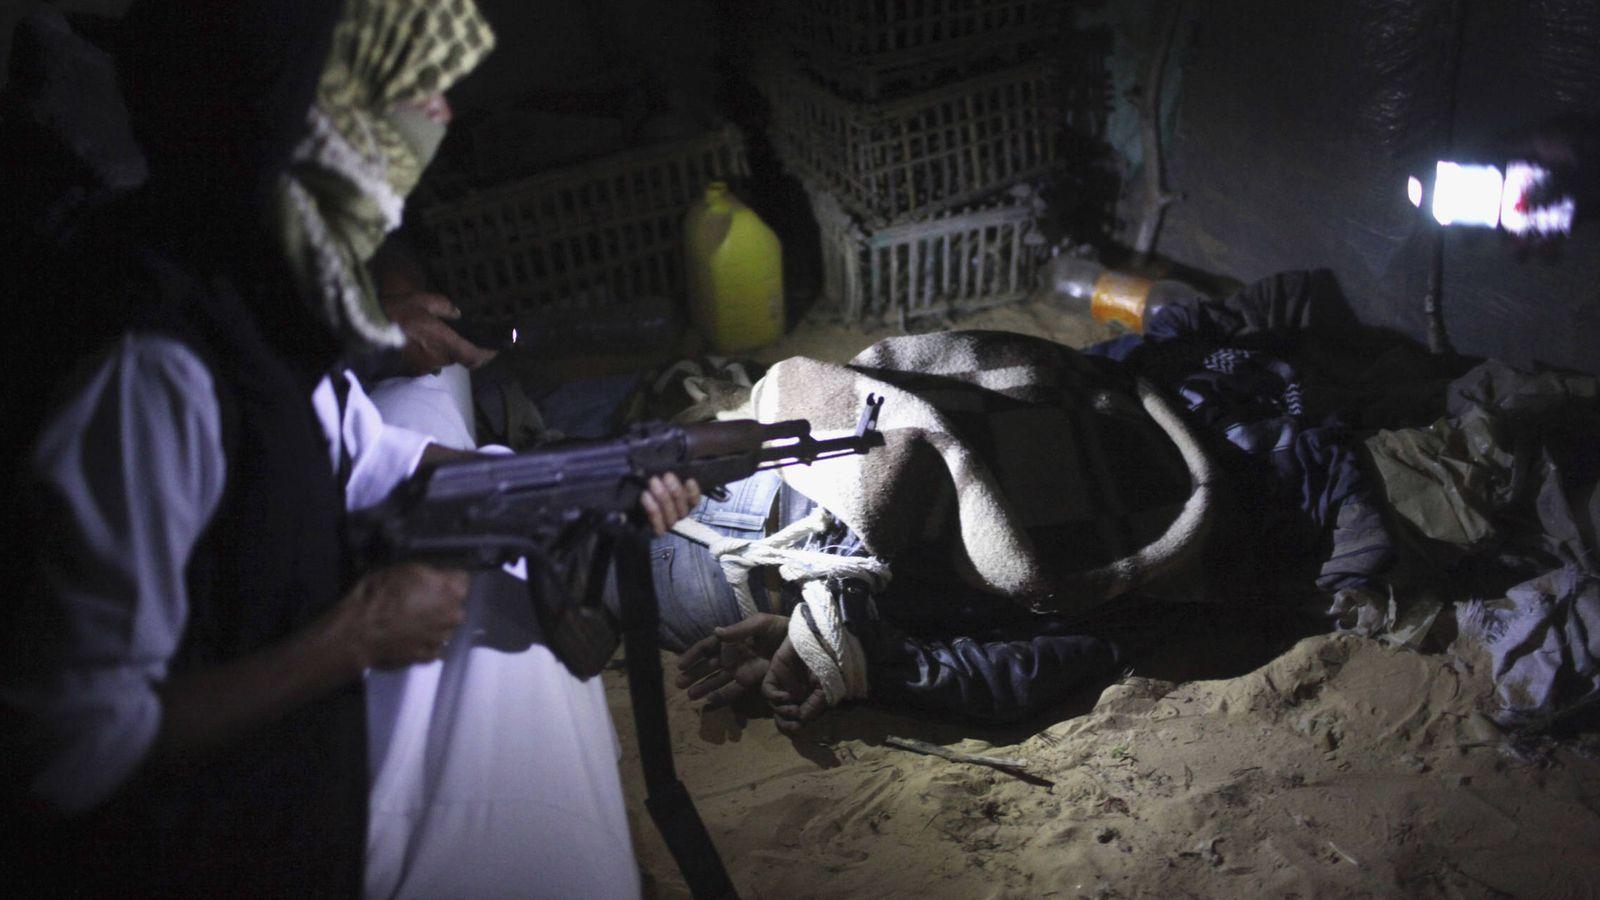 Foto: Un beduino armado custodia a un inmigrante ilegal en el norte del Sinaí, antes de introducirle de forma clandestina en Israel. (Reuters)